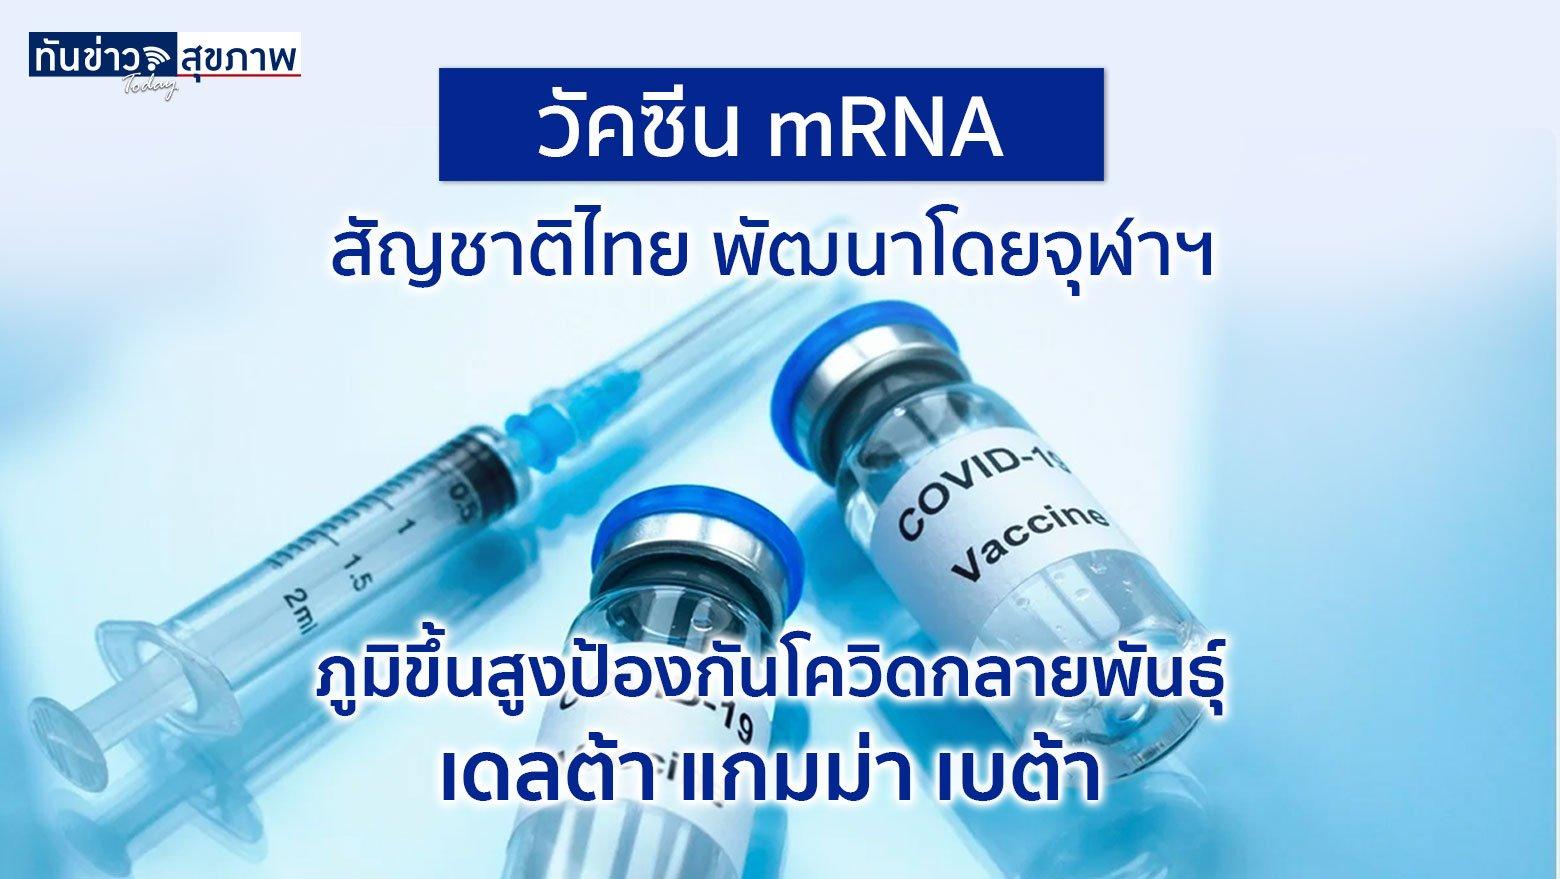 วัคซีน mRNA ของจุฬาฯ ผ่านทดลองในคนเฟส 2 แล้ว ภูมิขึ้นสูง ป้องกันเชื้อเดลต้าได้ดี และพร้อมผลิต อยู่ระหว่างหารือกับ อย.